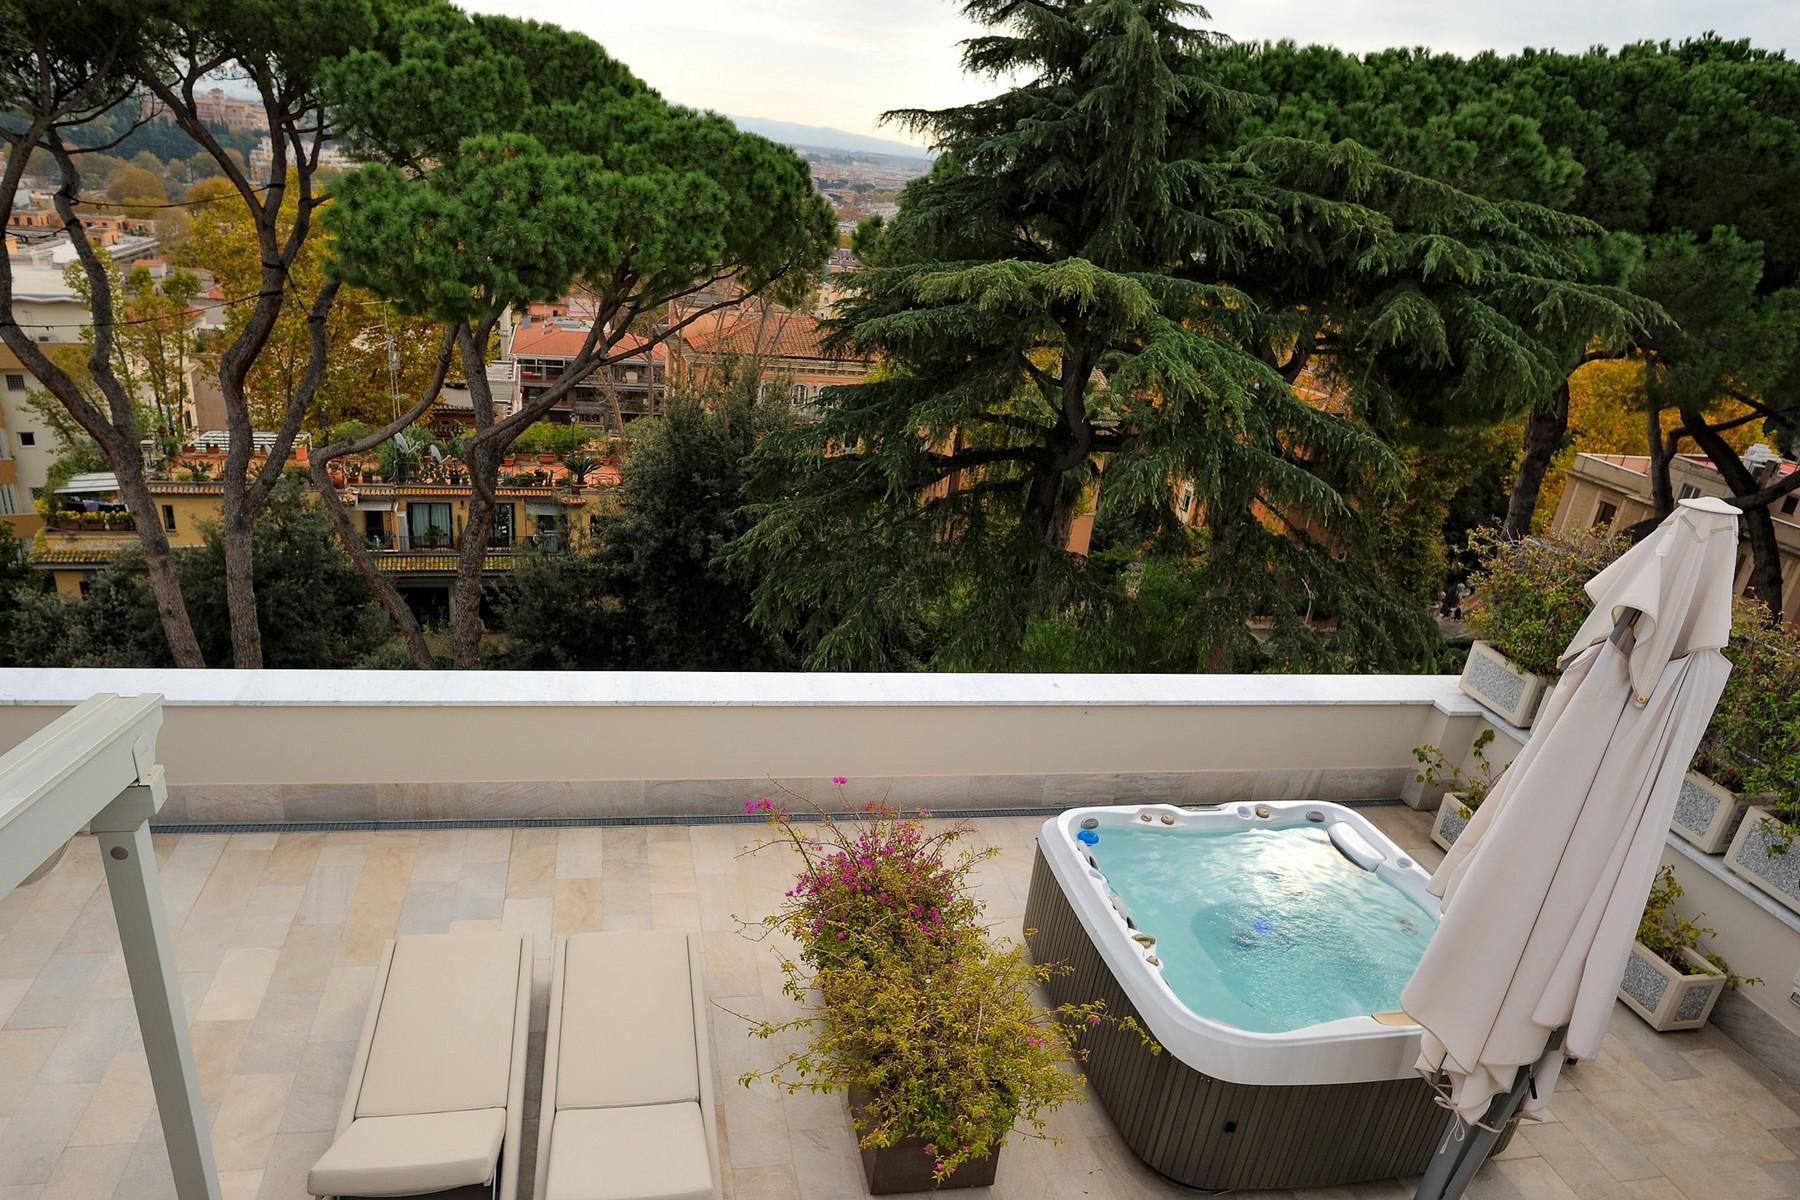 绿色罗马市中心内富有格调和风格的别墅 - 6